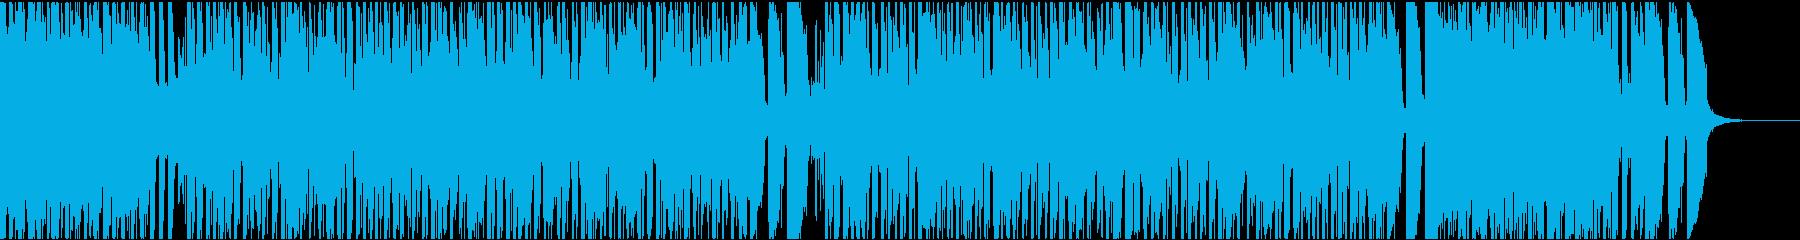 7秒でサビ、ハイテンションコミカルの再生済みの波形